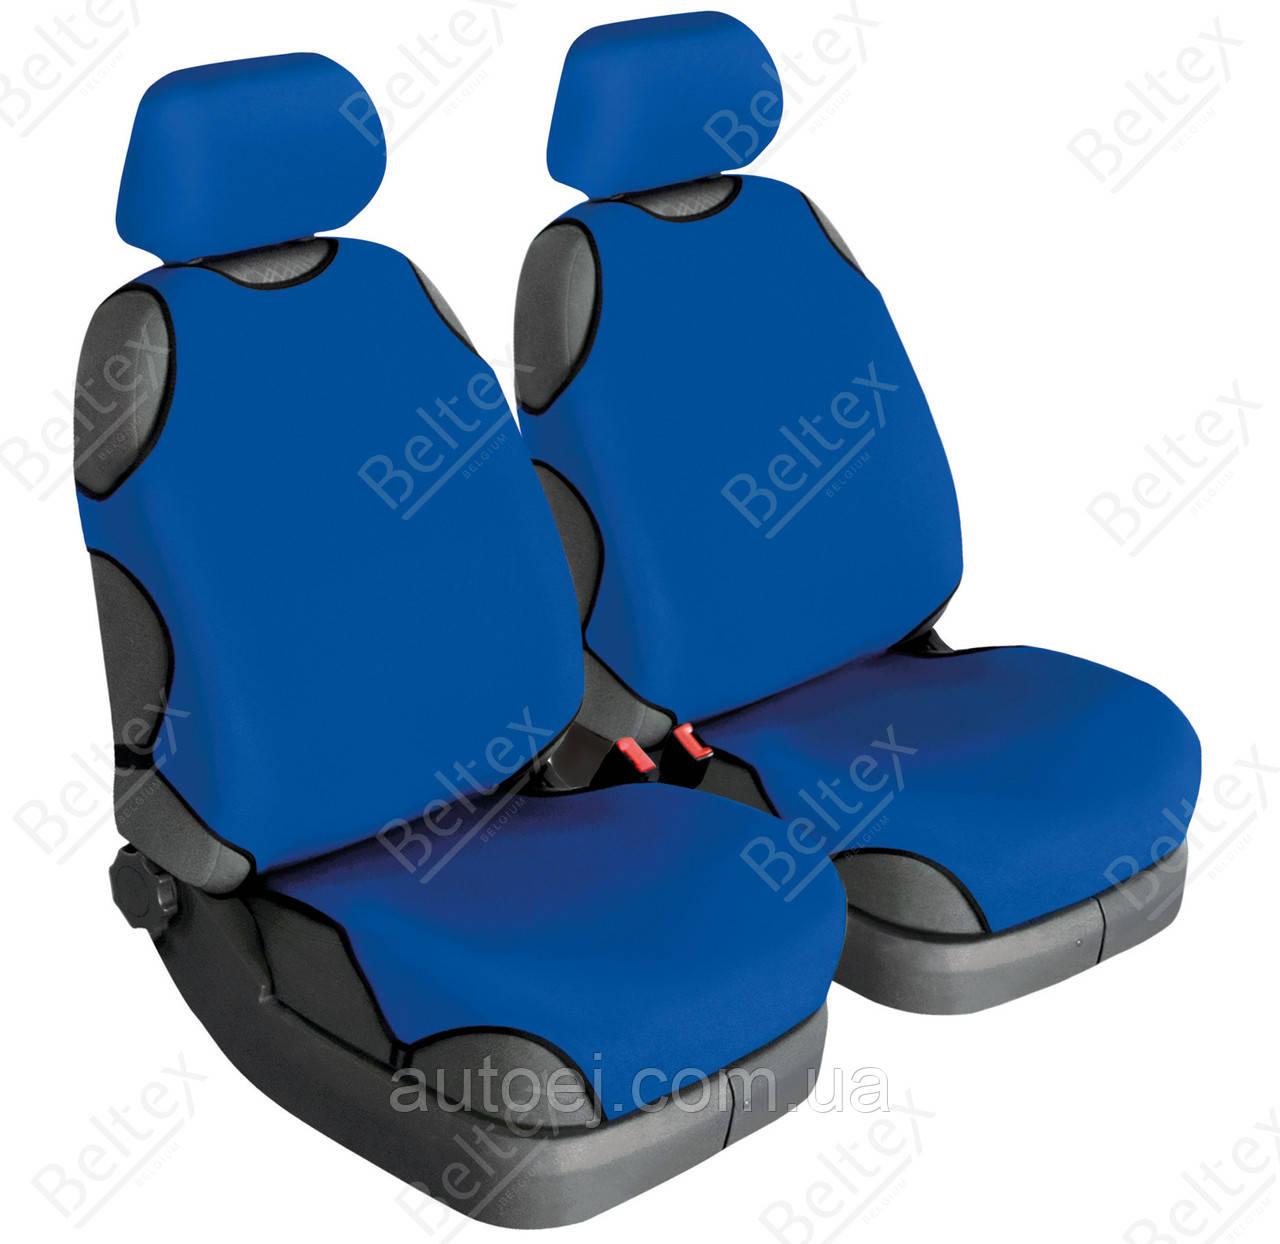 Чехлы на сиденья автомобиля 169